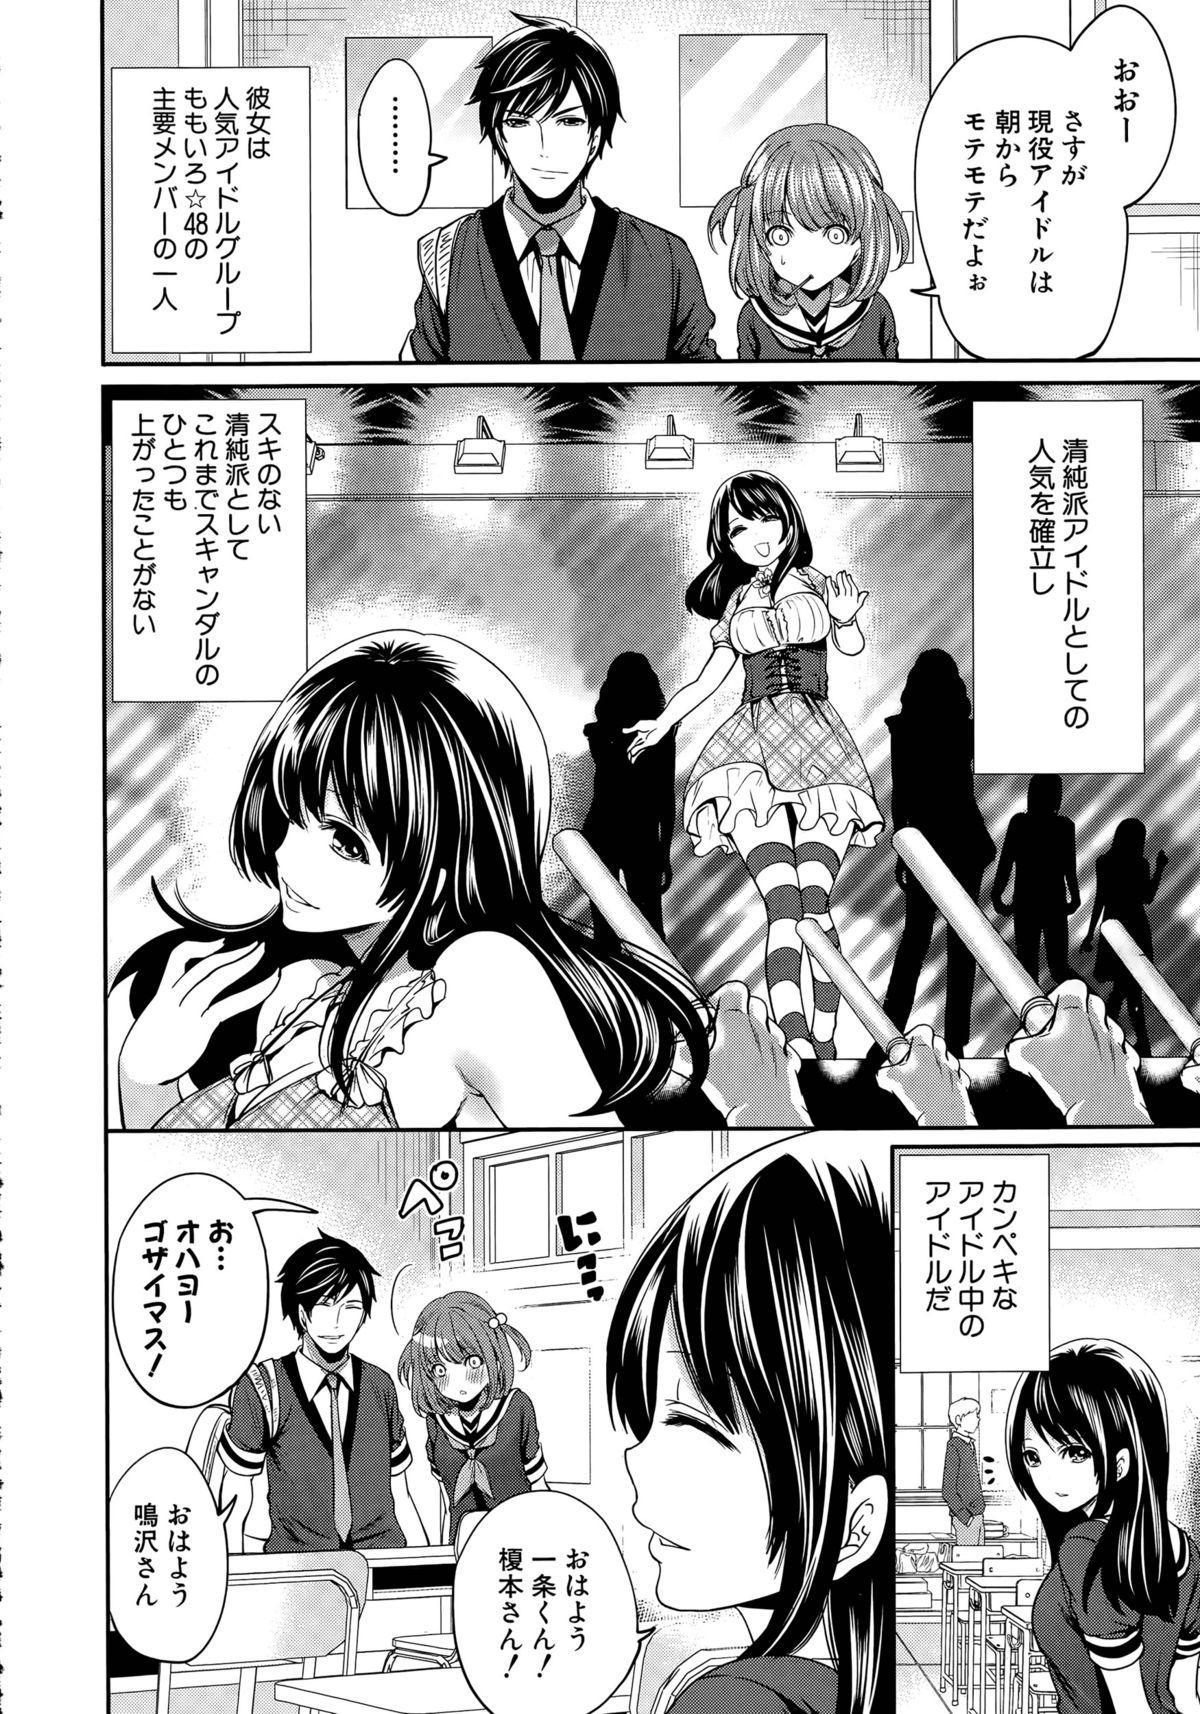 [Miyahara Ayumu] Kanojo-tachi wa Abakareta Ch. 1-2 7